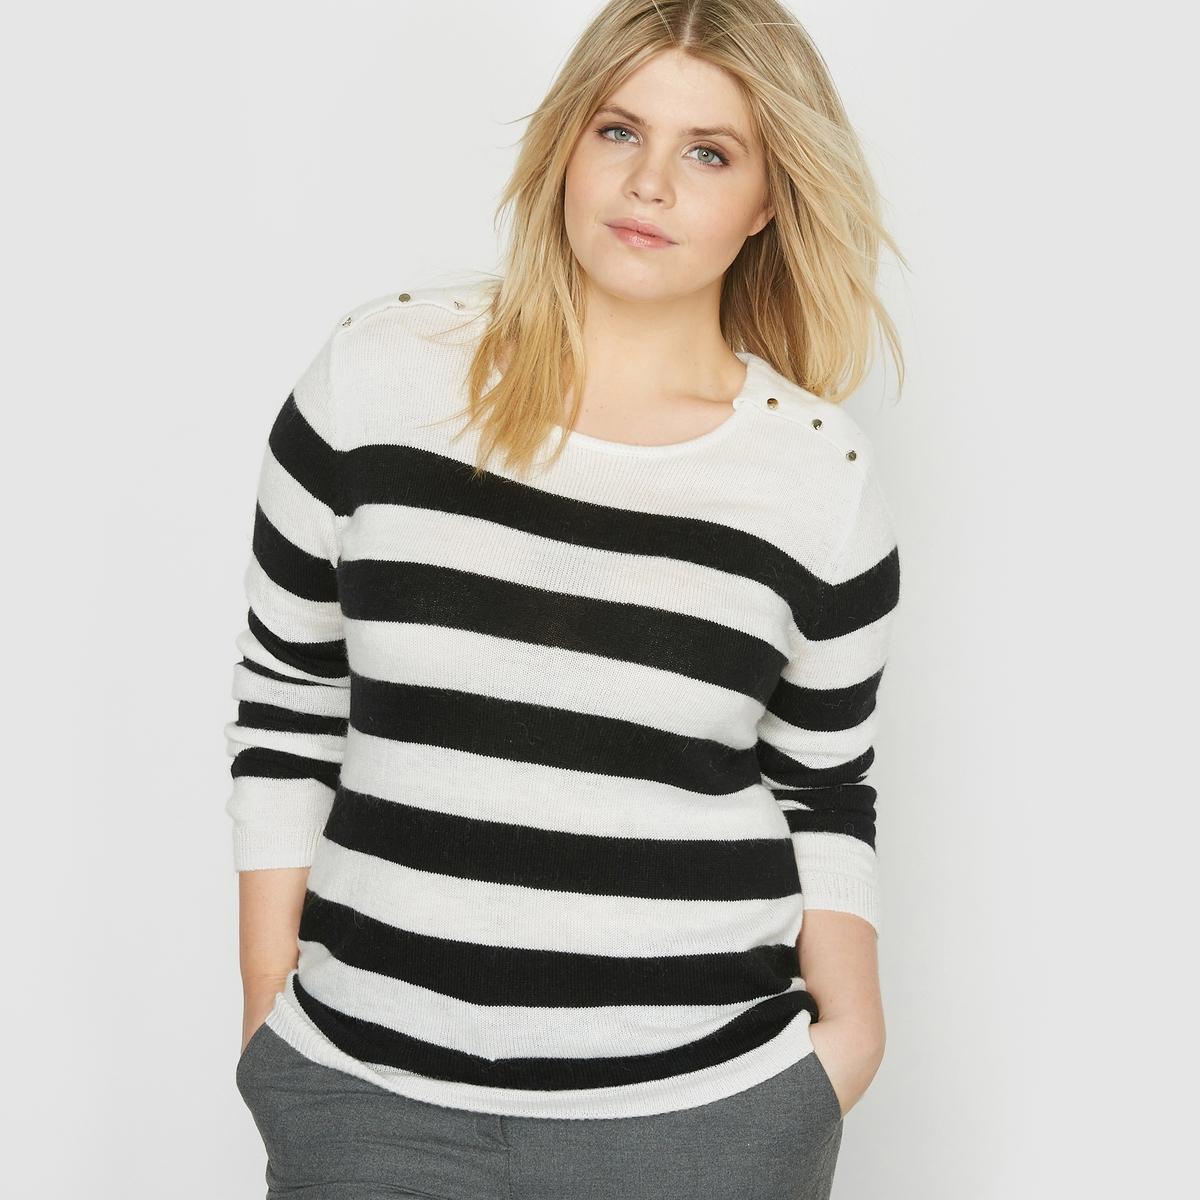 Пуловер в полоску в морском стиле, 17% альпаки 17 idei kak prevratit svou dachy v nastoiashii raiskii ygolok